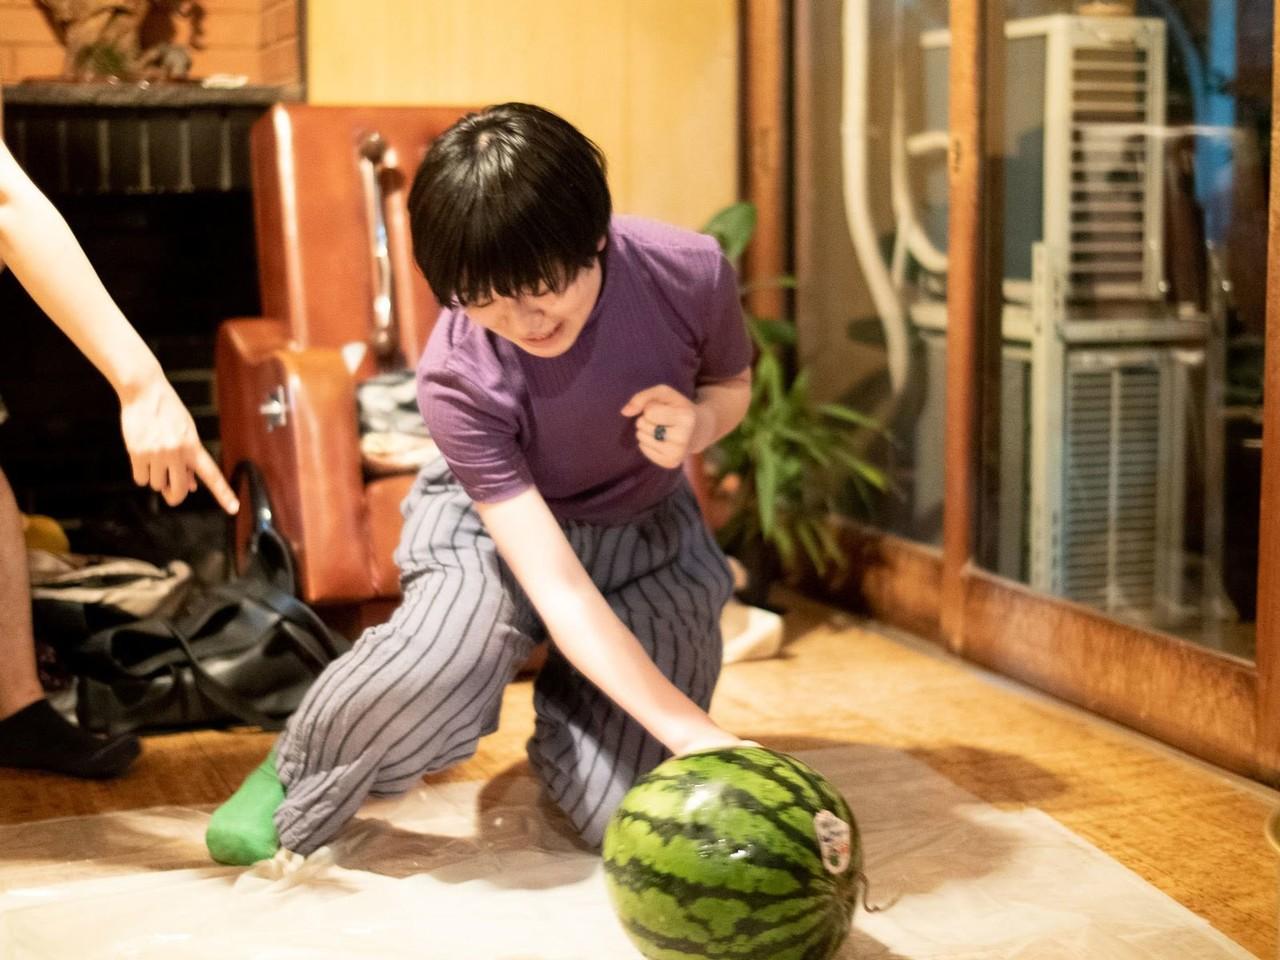 わたしの家で突然、スイカ割りやらシャボン玉やらをやりだすような人。床を養生してくれたあたりに優しさを感じる。(でもTPOはちゃんと考えられる、まじめで礼儀ただしい人)